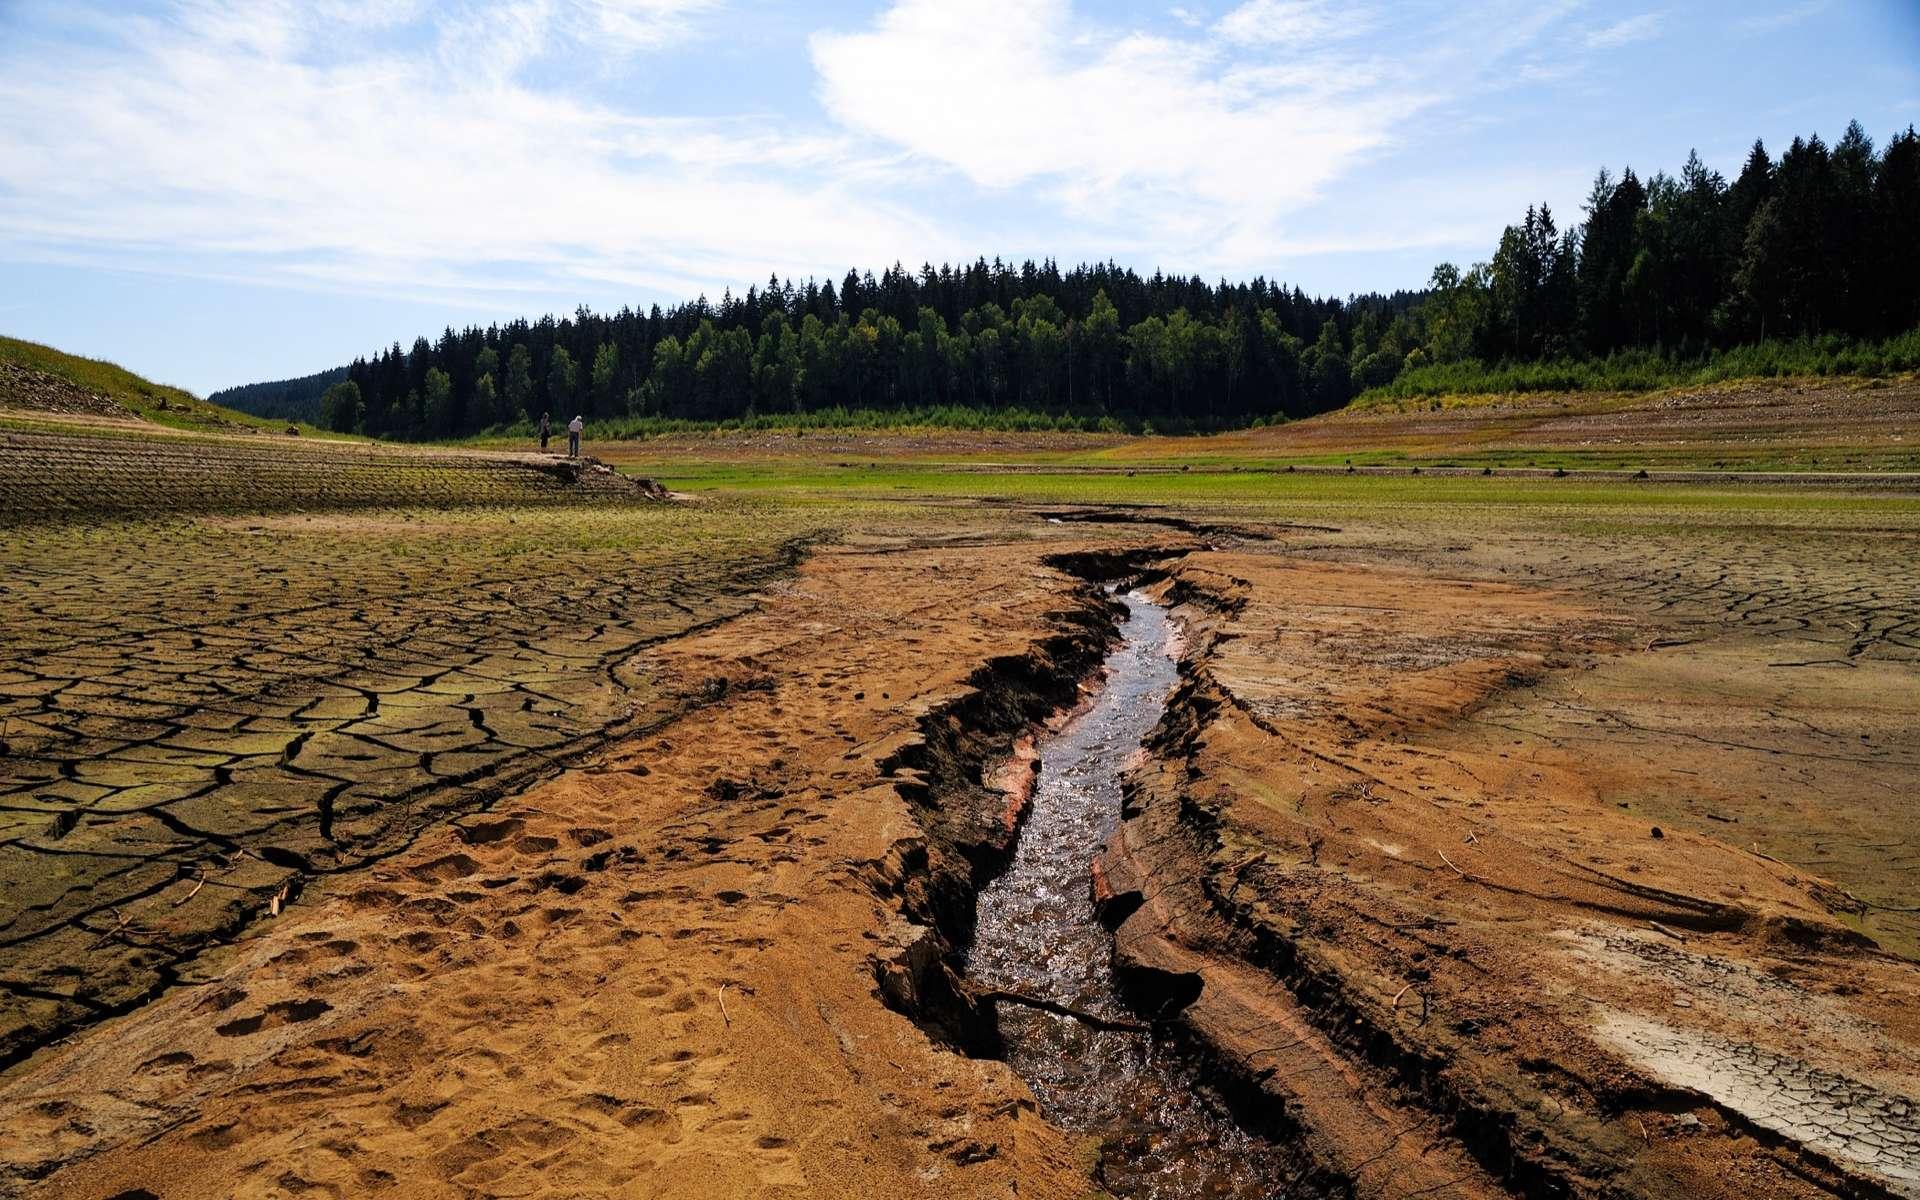 Les activités humaines augmentaient déjà l'érosion des sols il y a 4.000 ans. © Torsten Becker, Adobe Stock